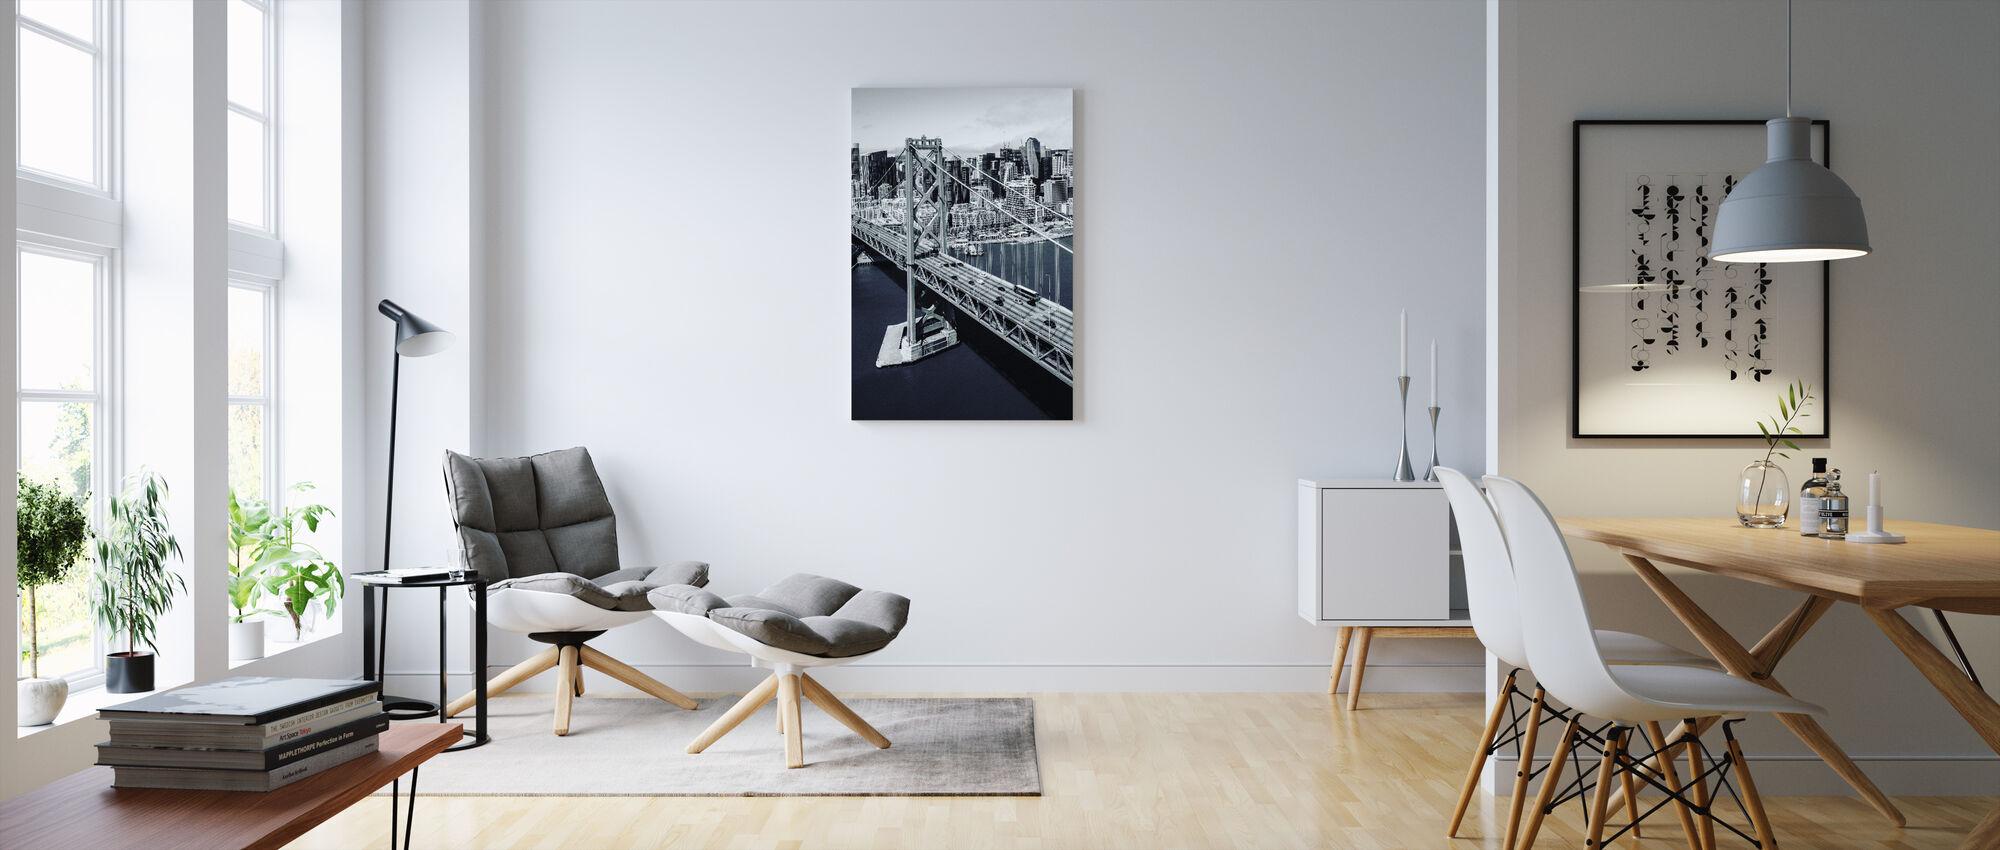 Bay-broen - Billede på lærred - Stue